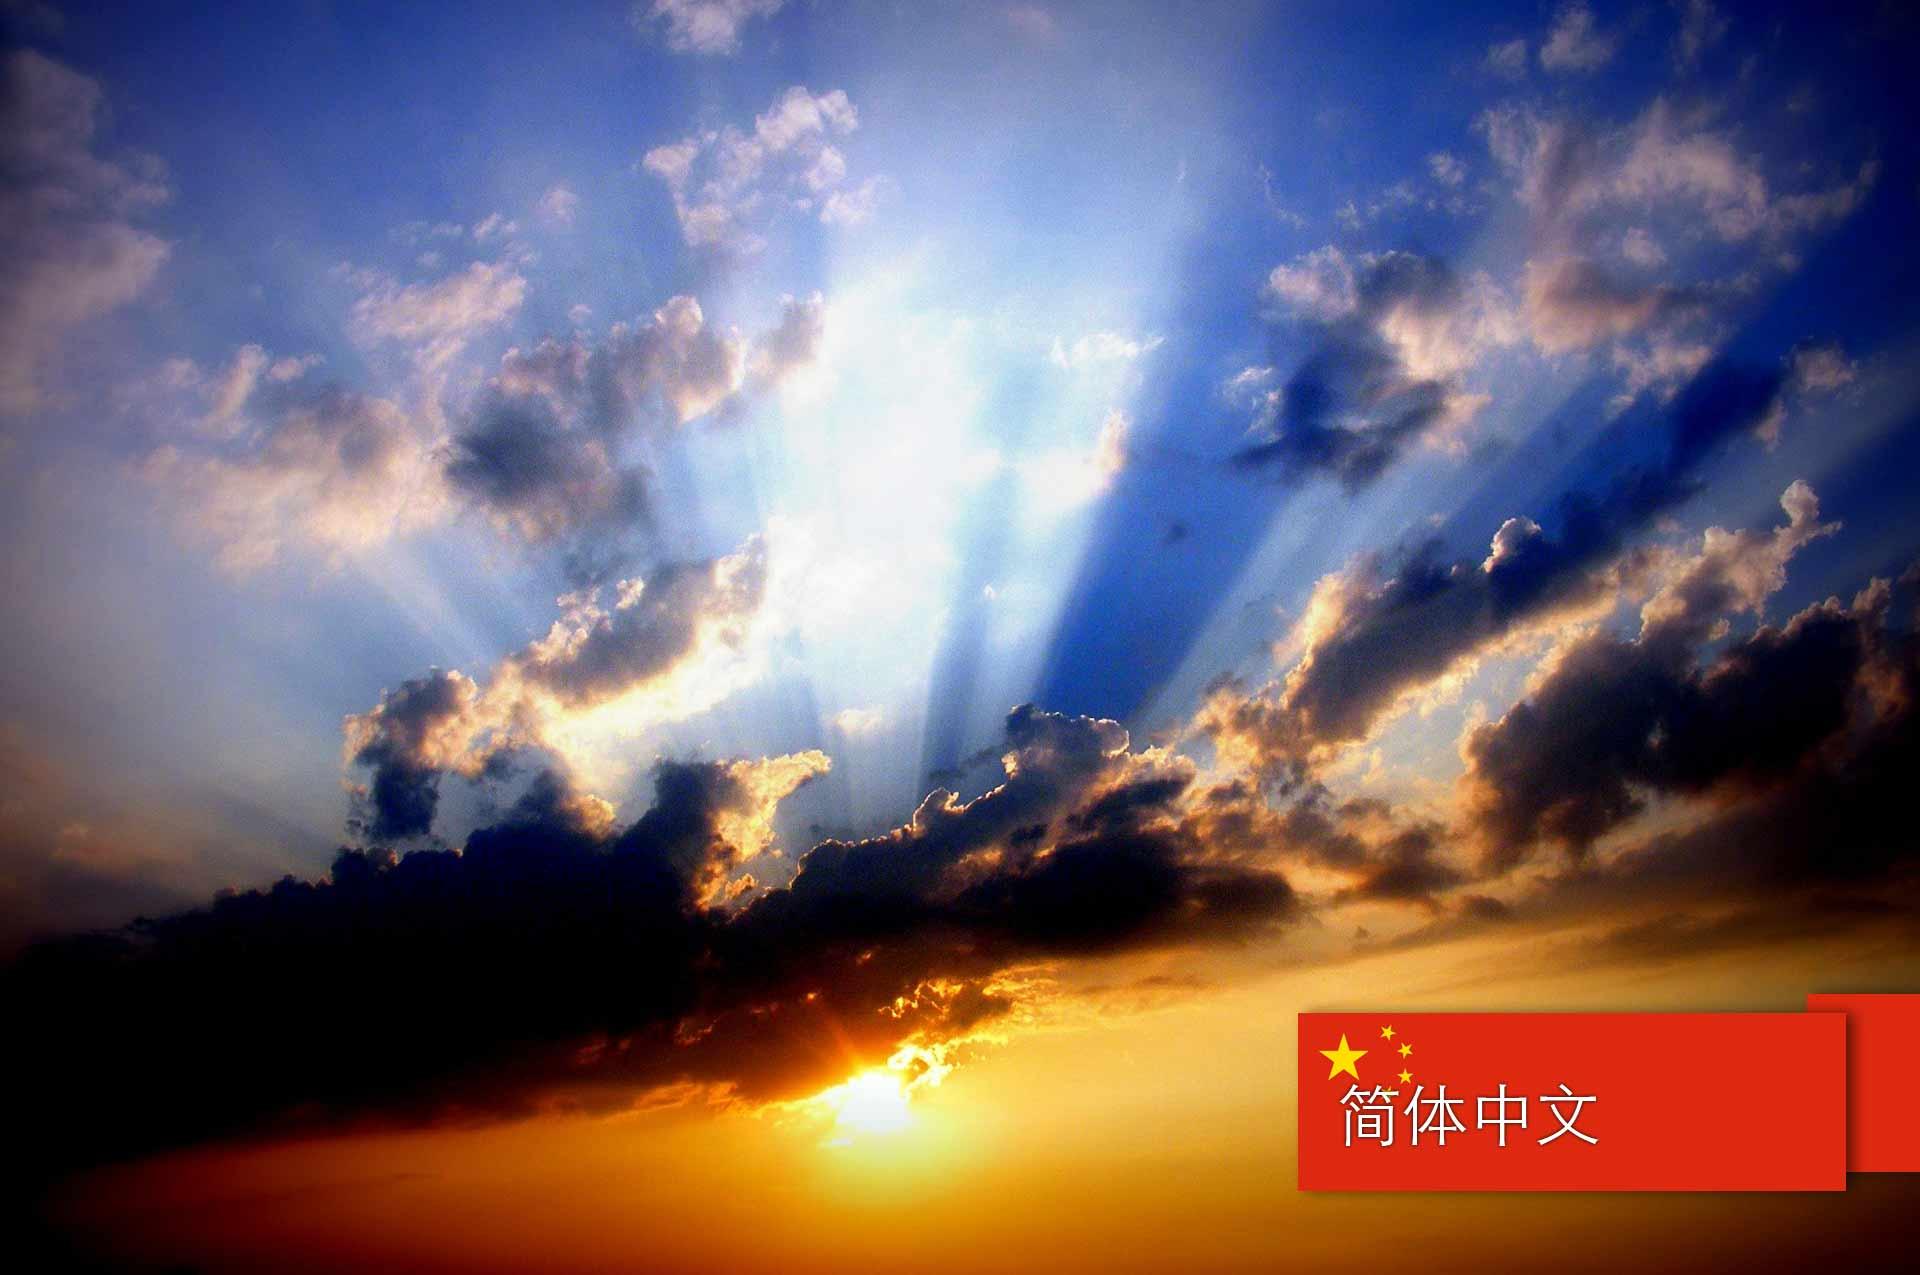 在耶稣基督里显明出来的天父 (God revealed) – Simplified Chinese